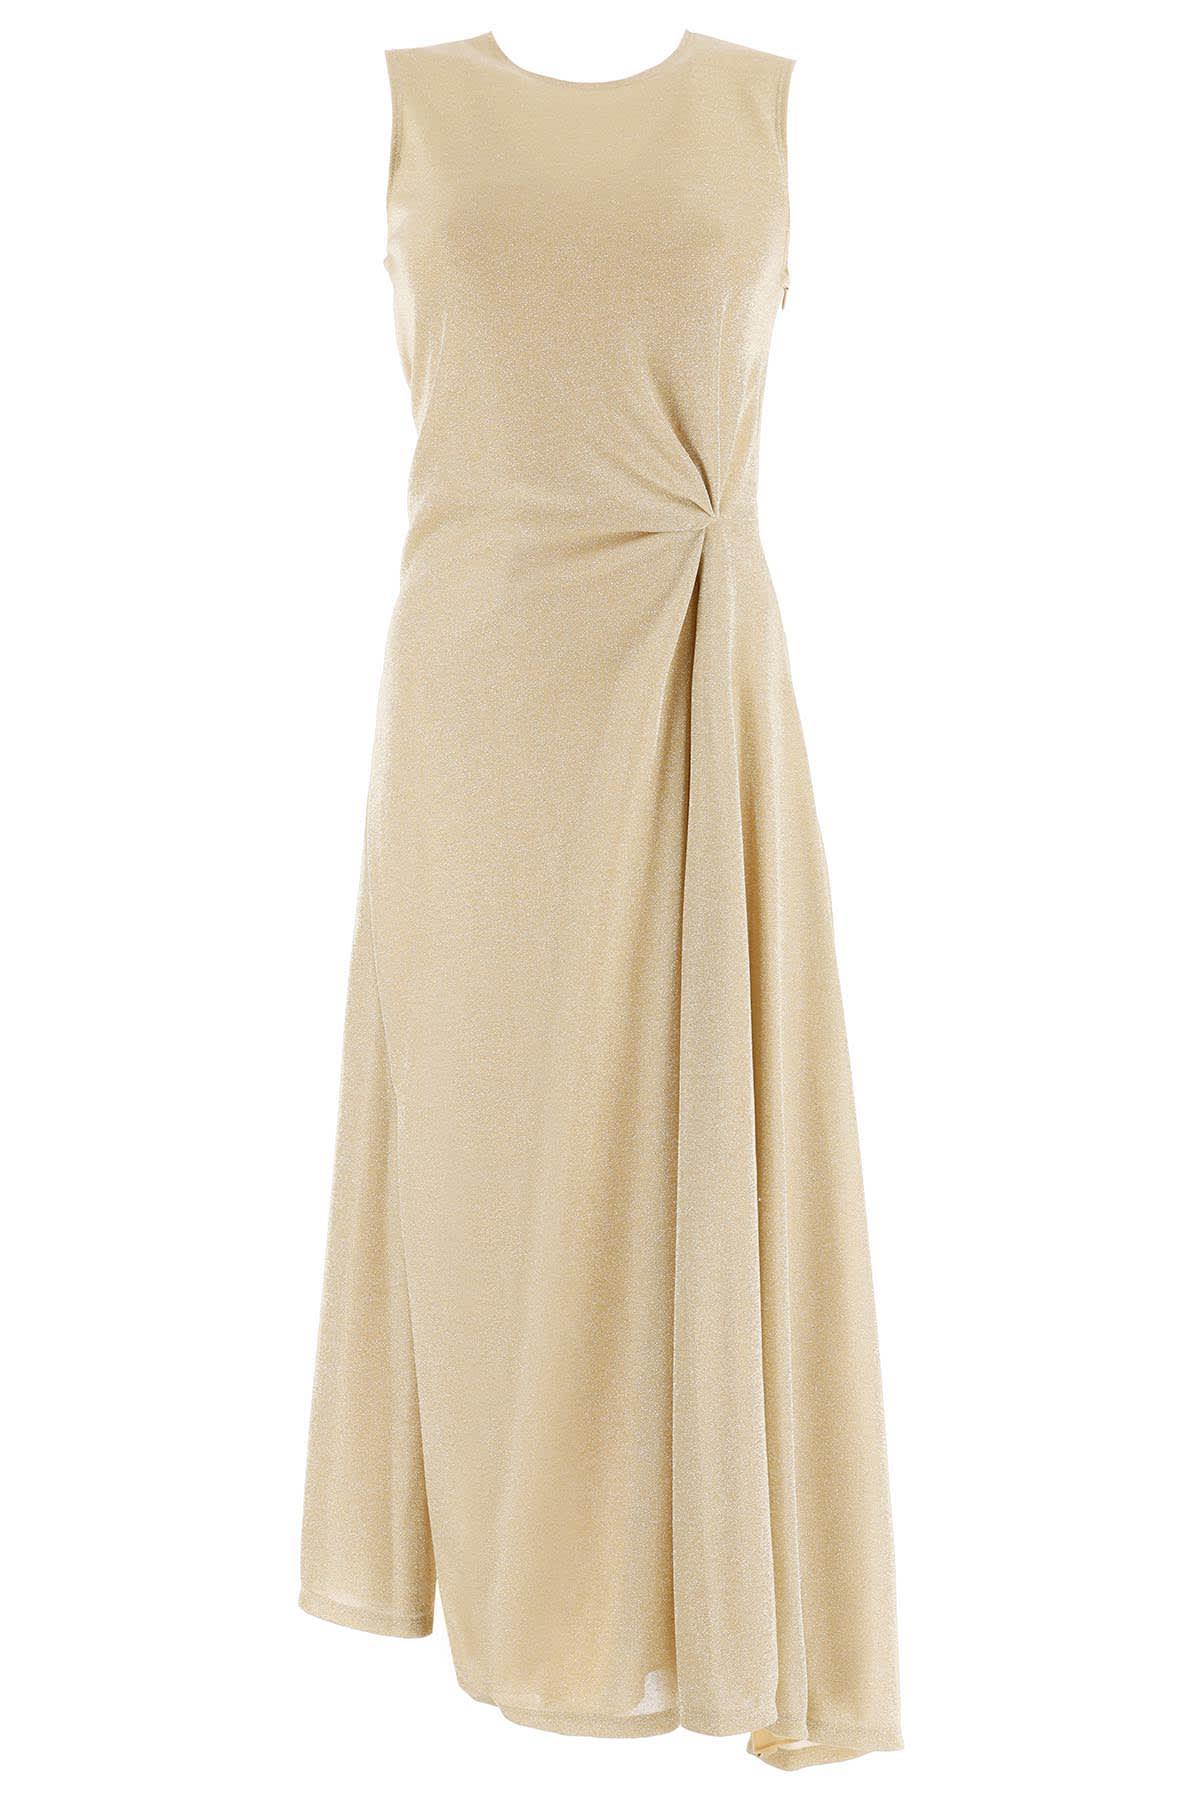 Lanvin Lurex Draped Dress